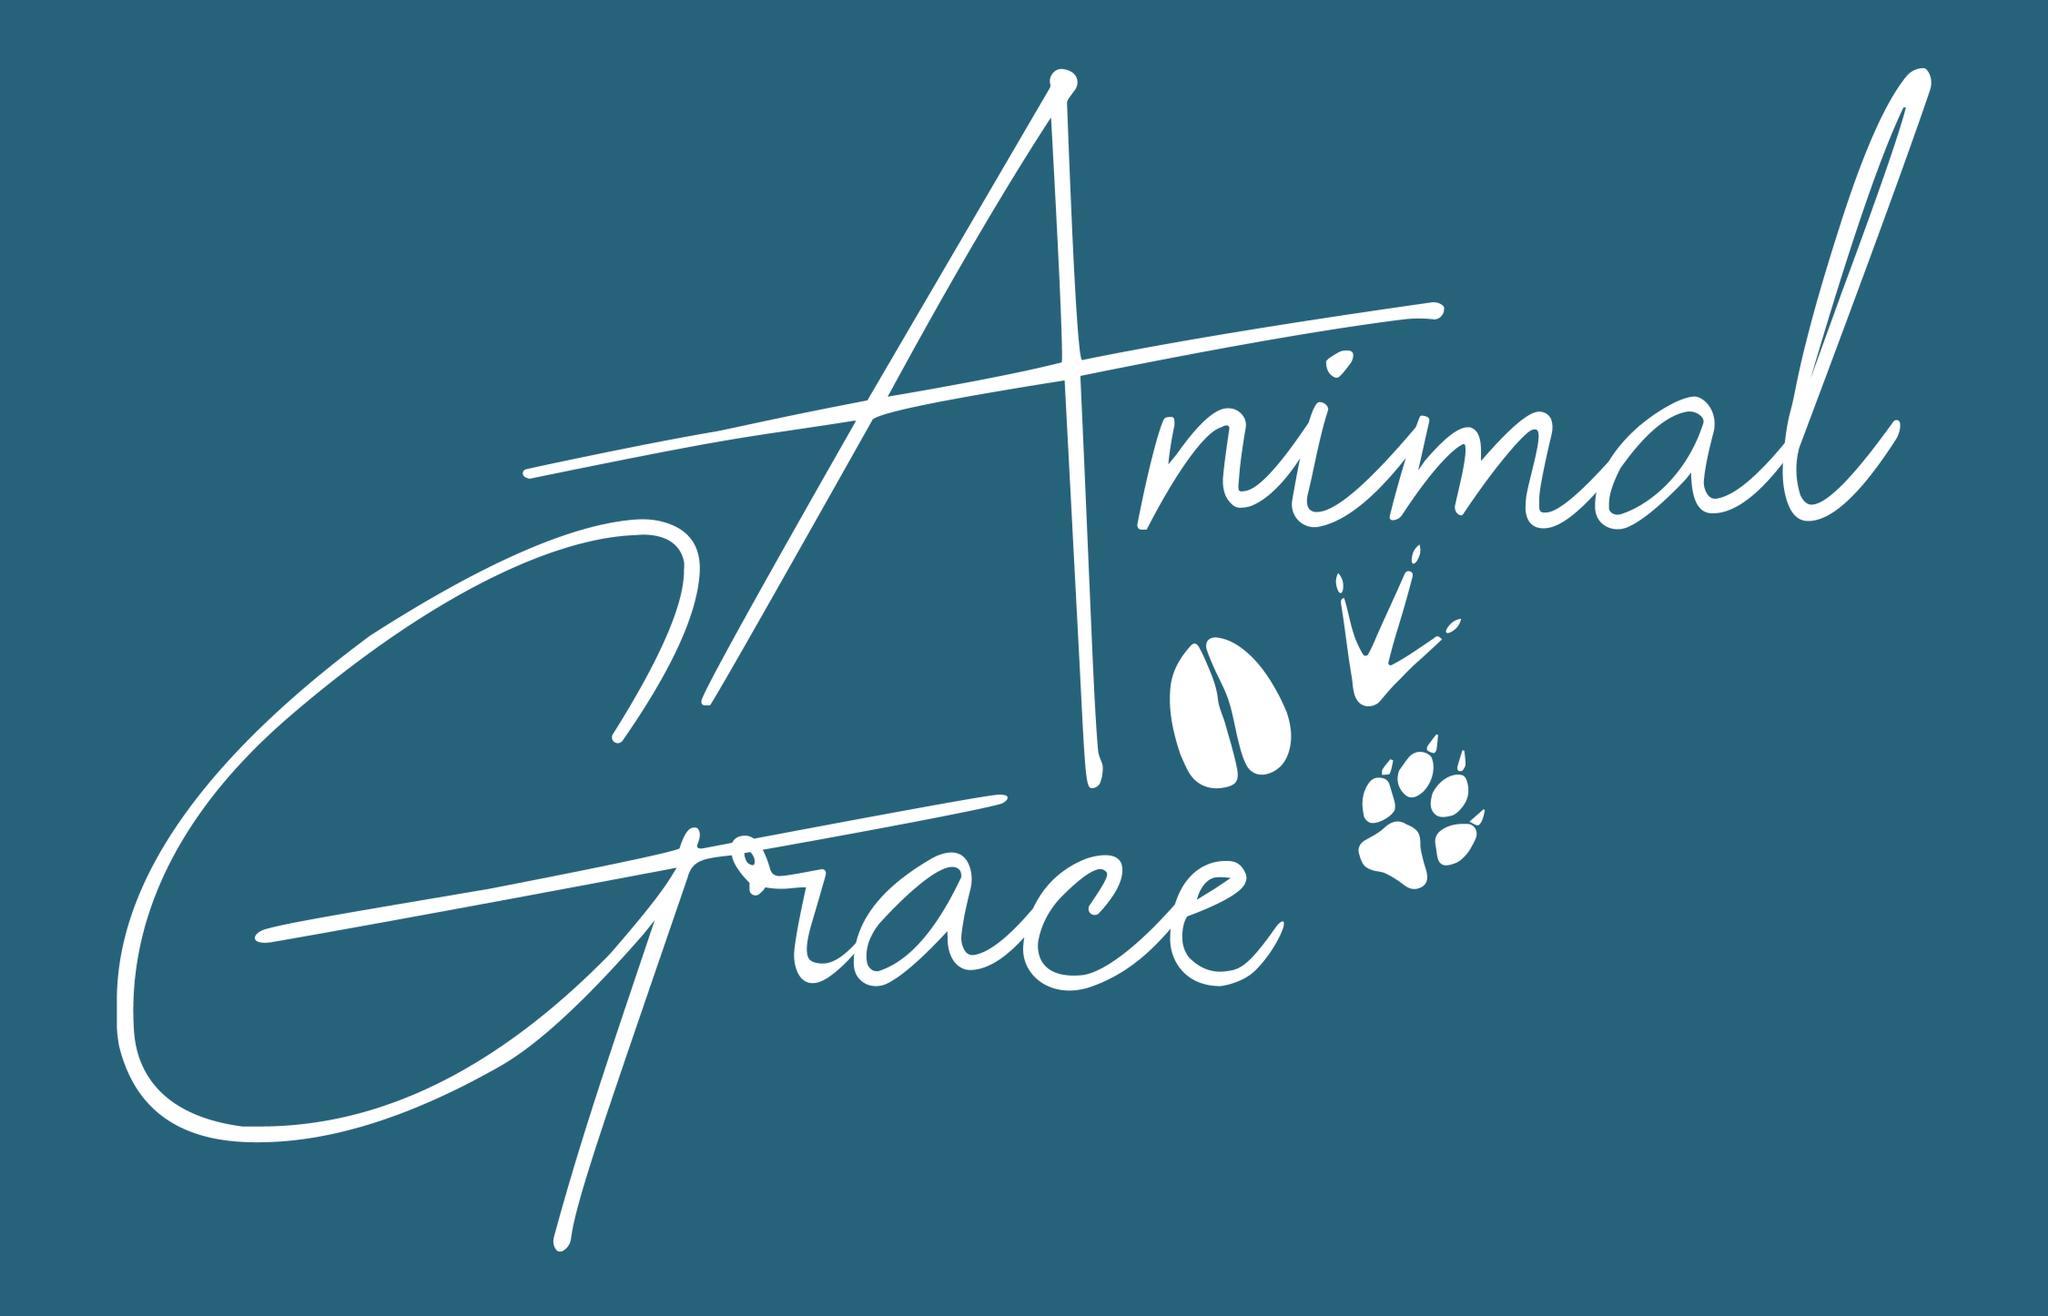 Animalgrace